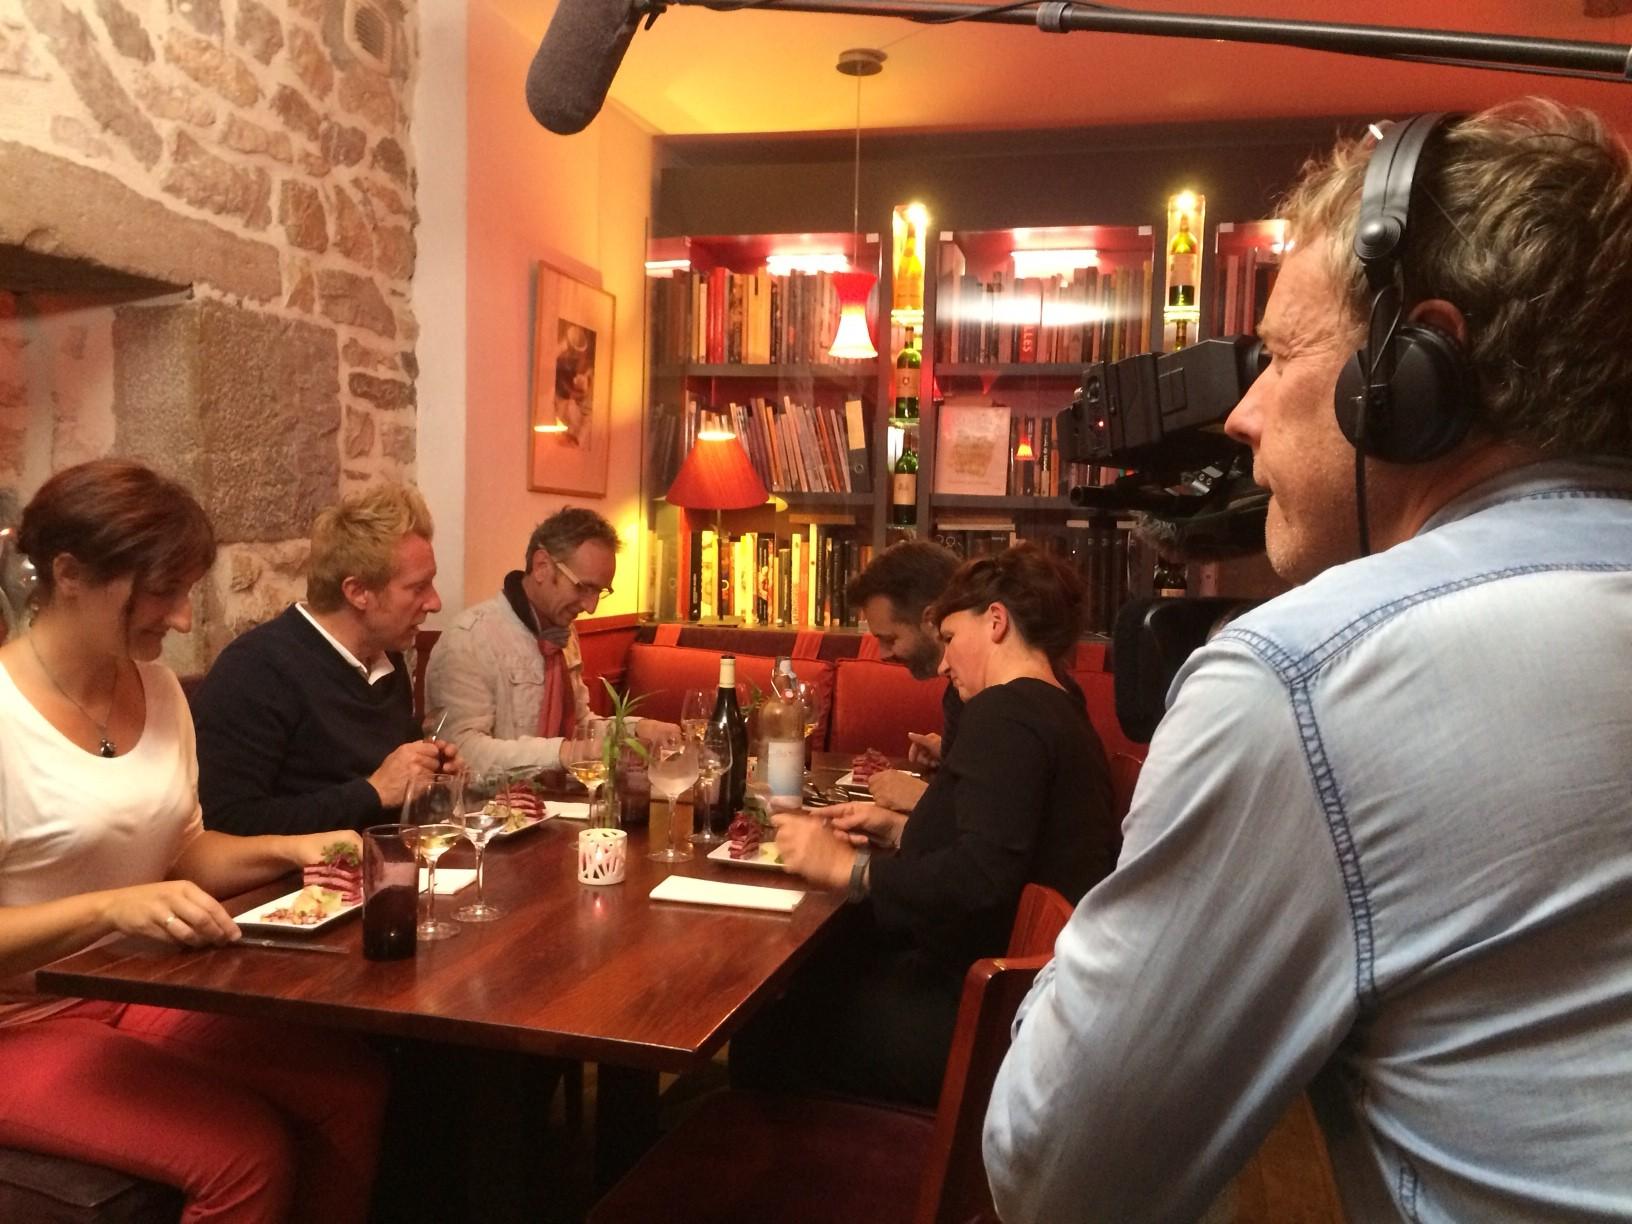 tournage au restaurant l'avant gout à Besançon